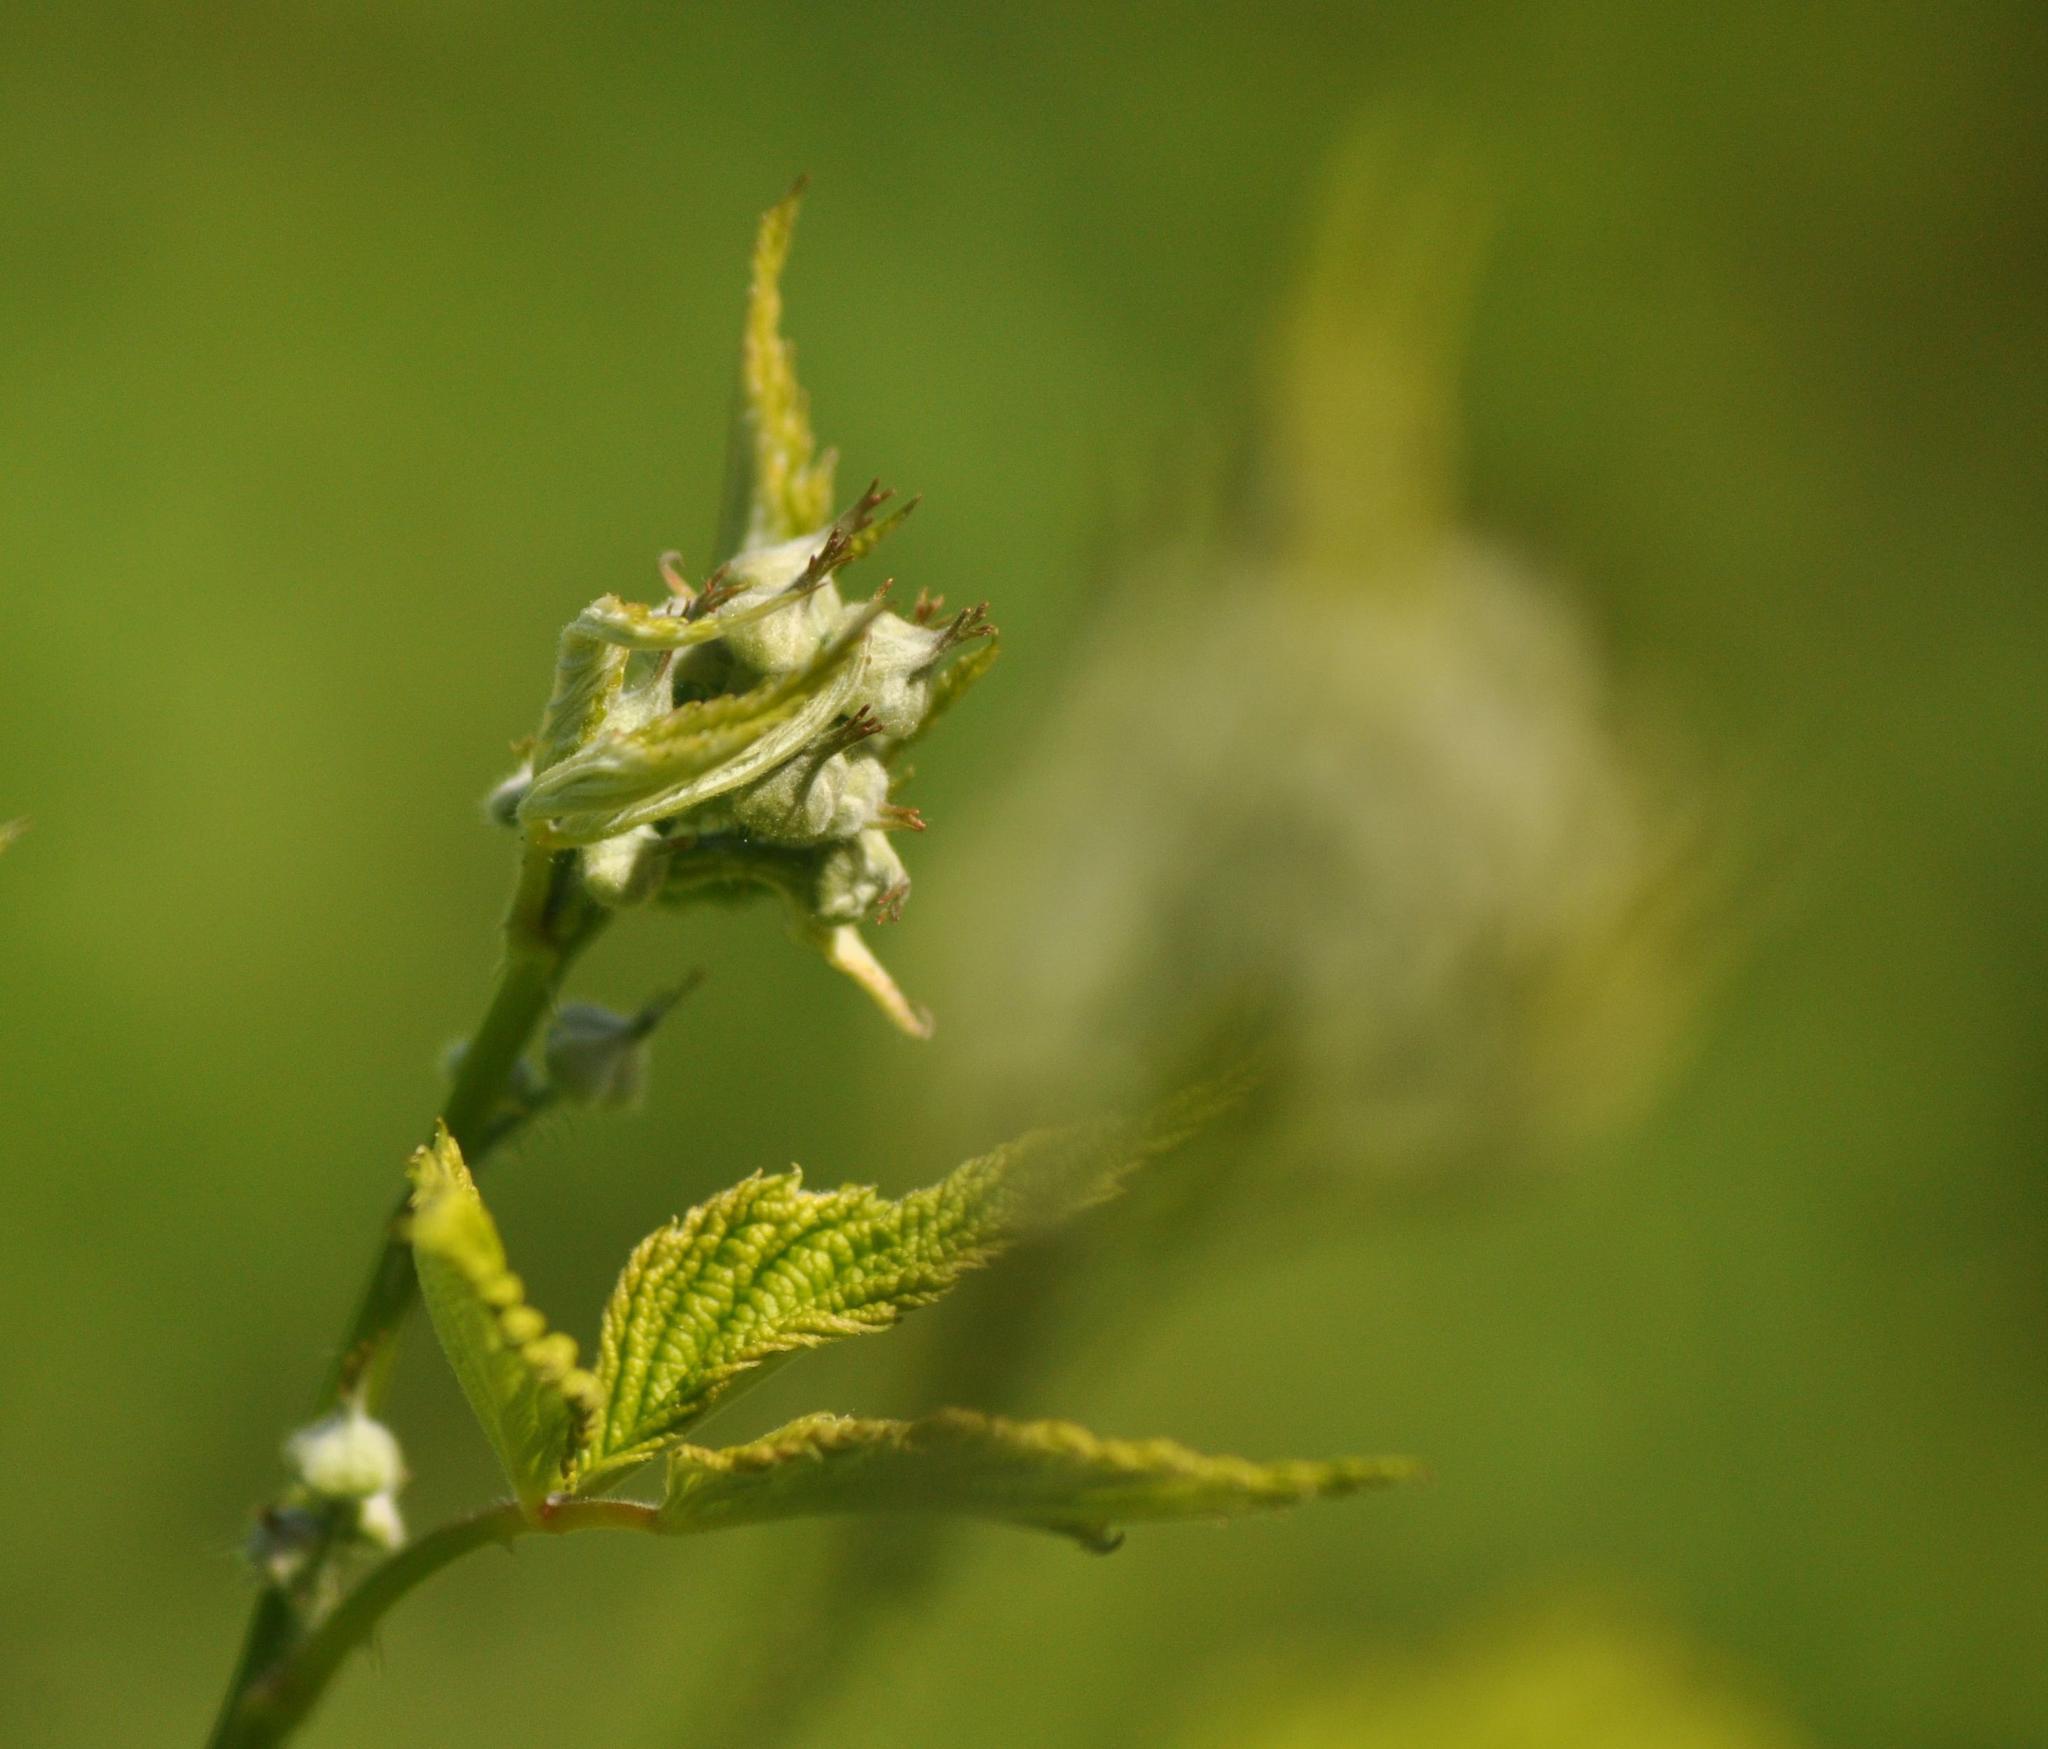 Wild flower bud by Cynthia Hutton